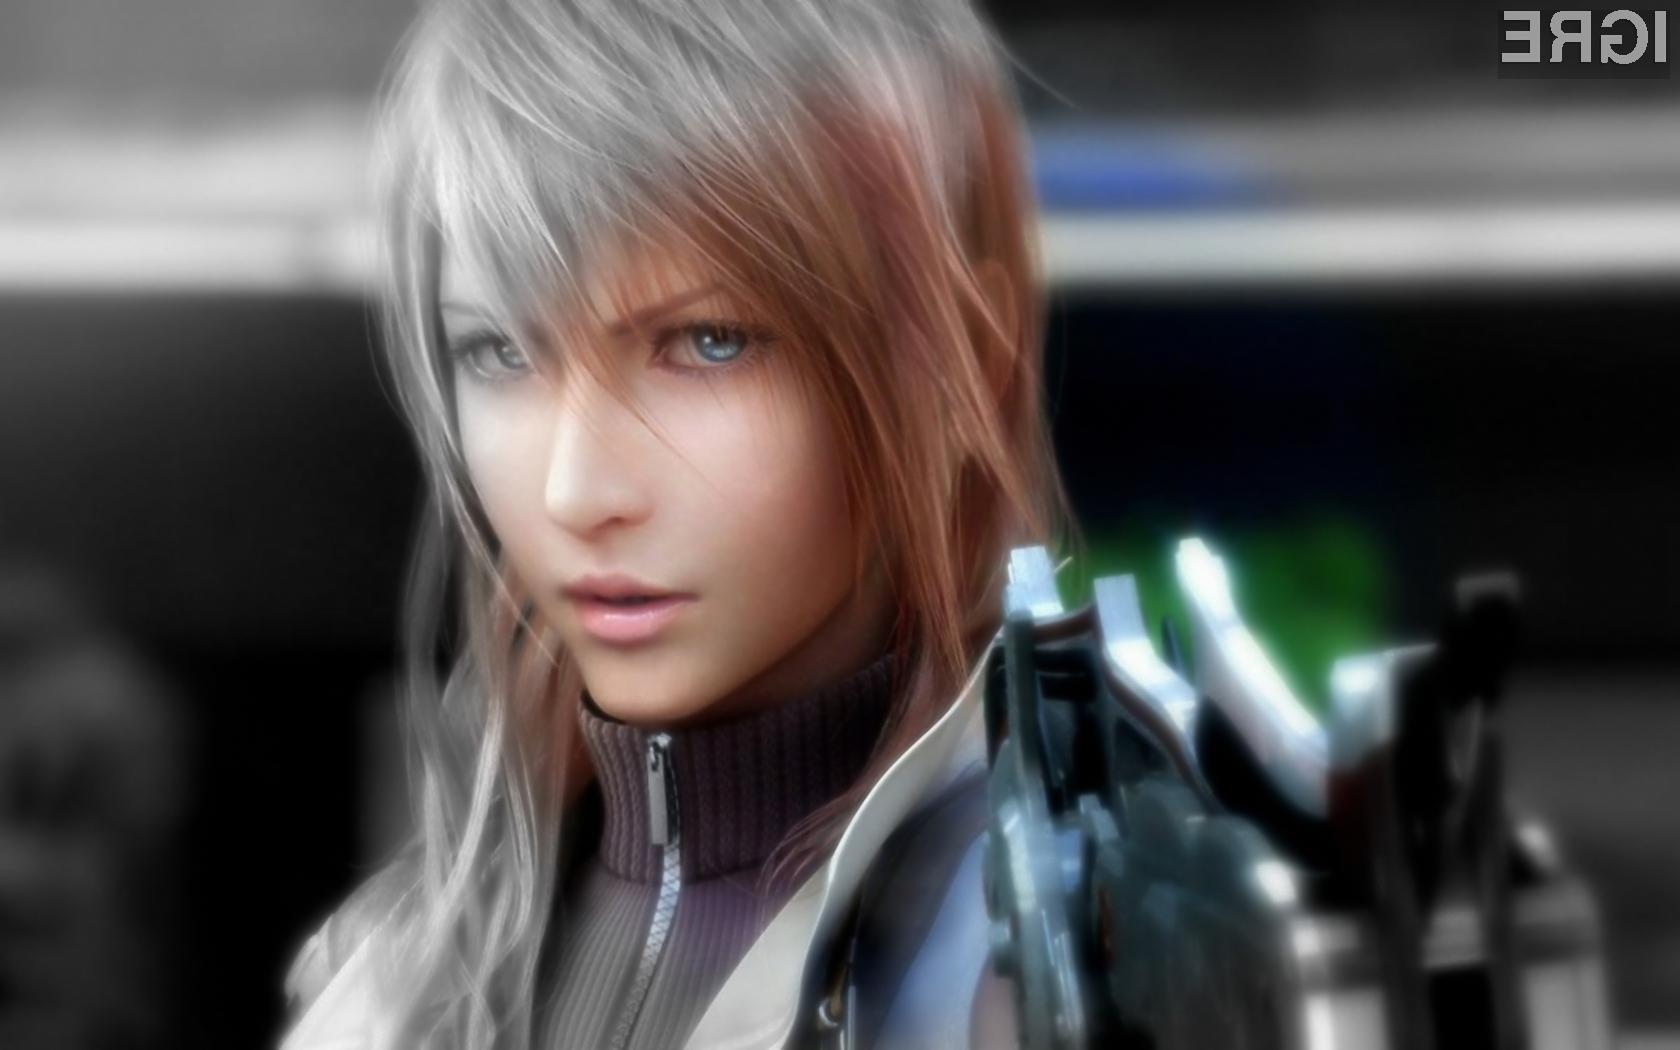 Po dolgoletnem razvoju bomo na Xbox 360 končno lahko preizkusili Final Fantasy XIII.